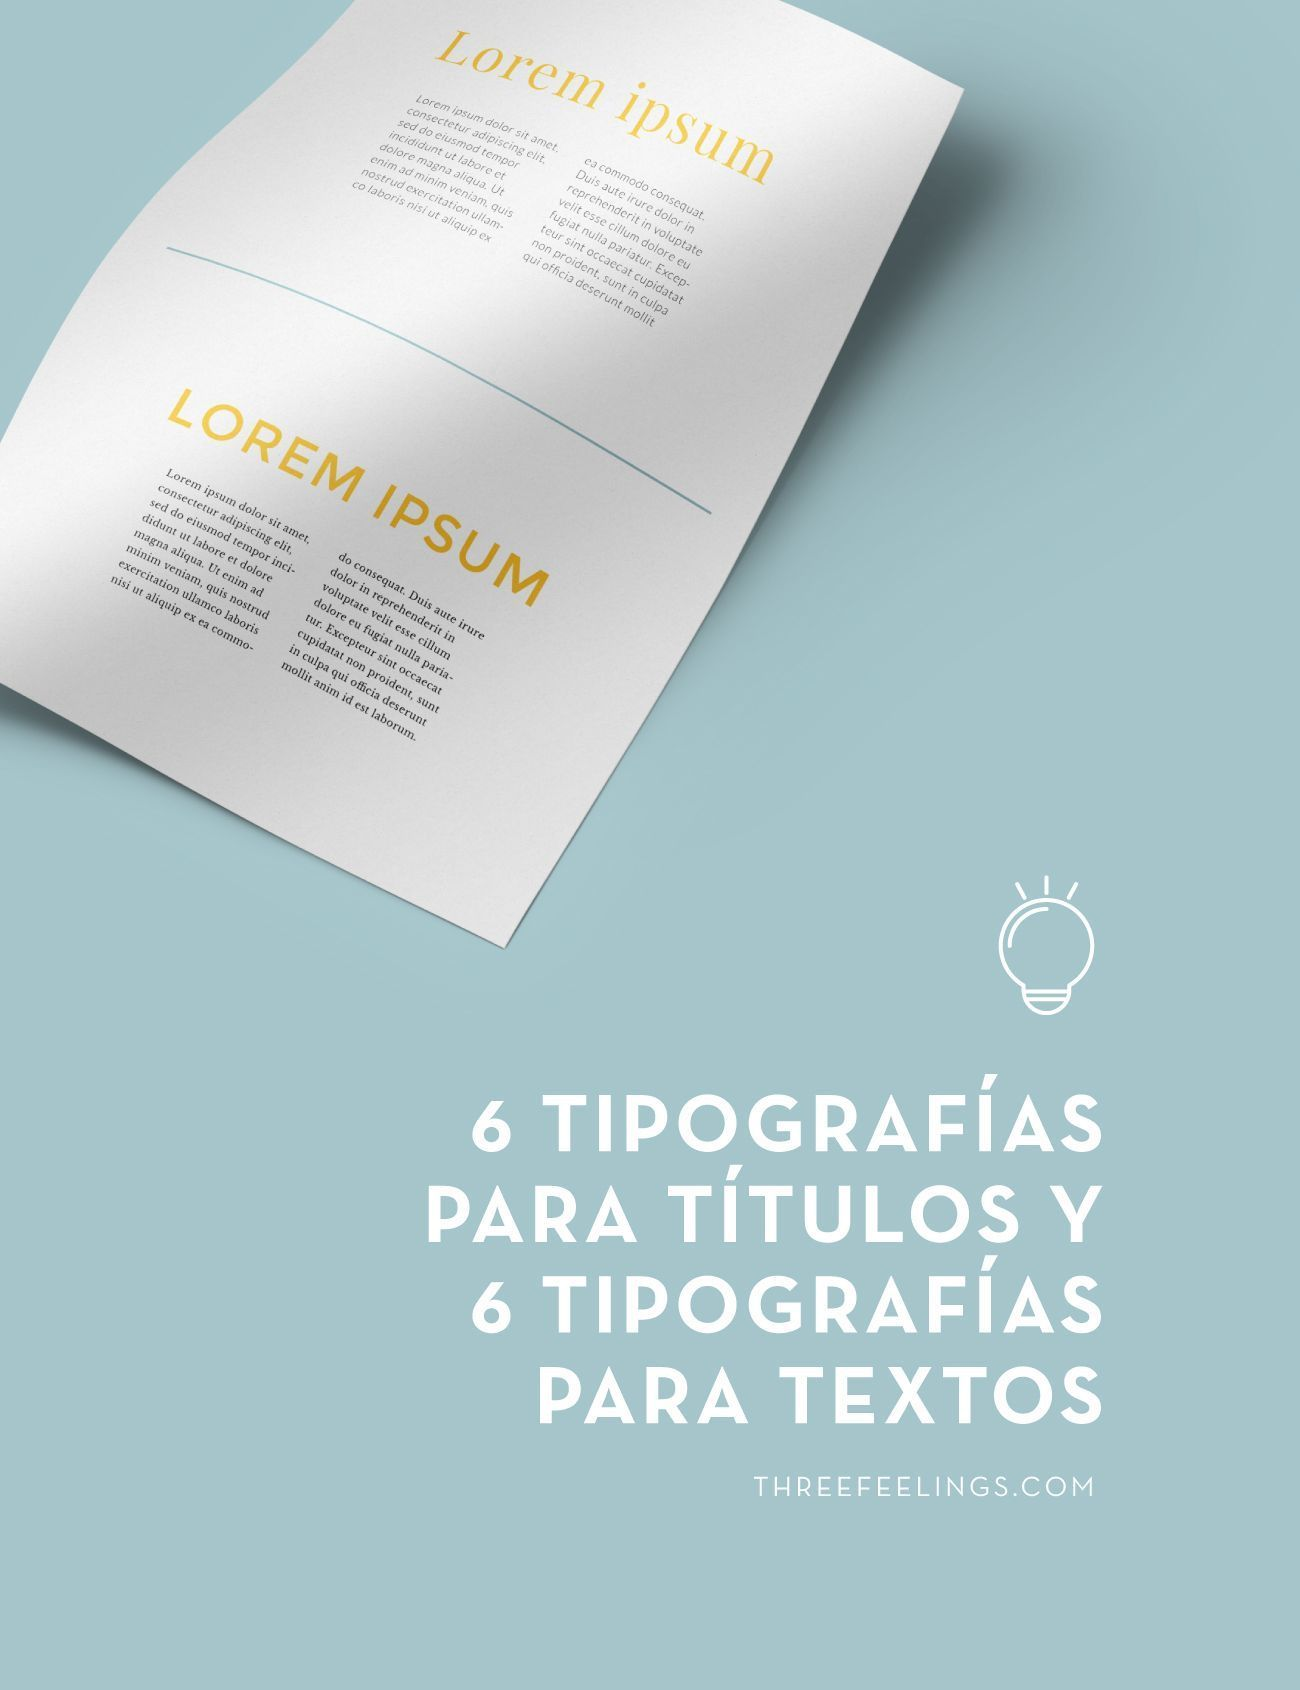 6 Tipografías Para Títulos Y 6 Tipografías Para Textos